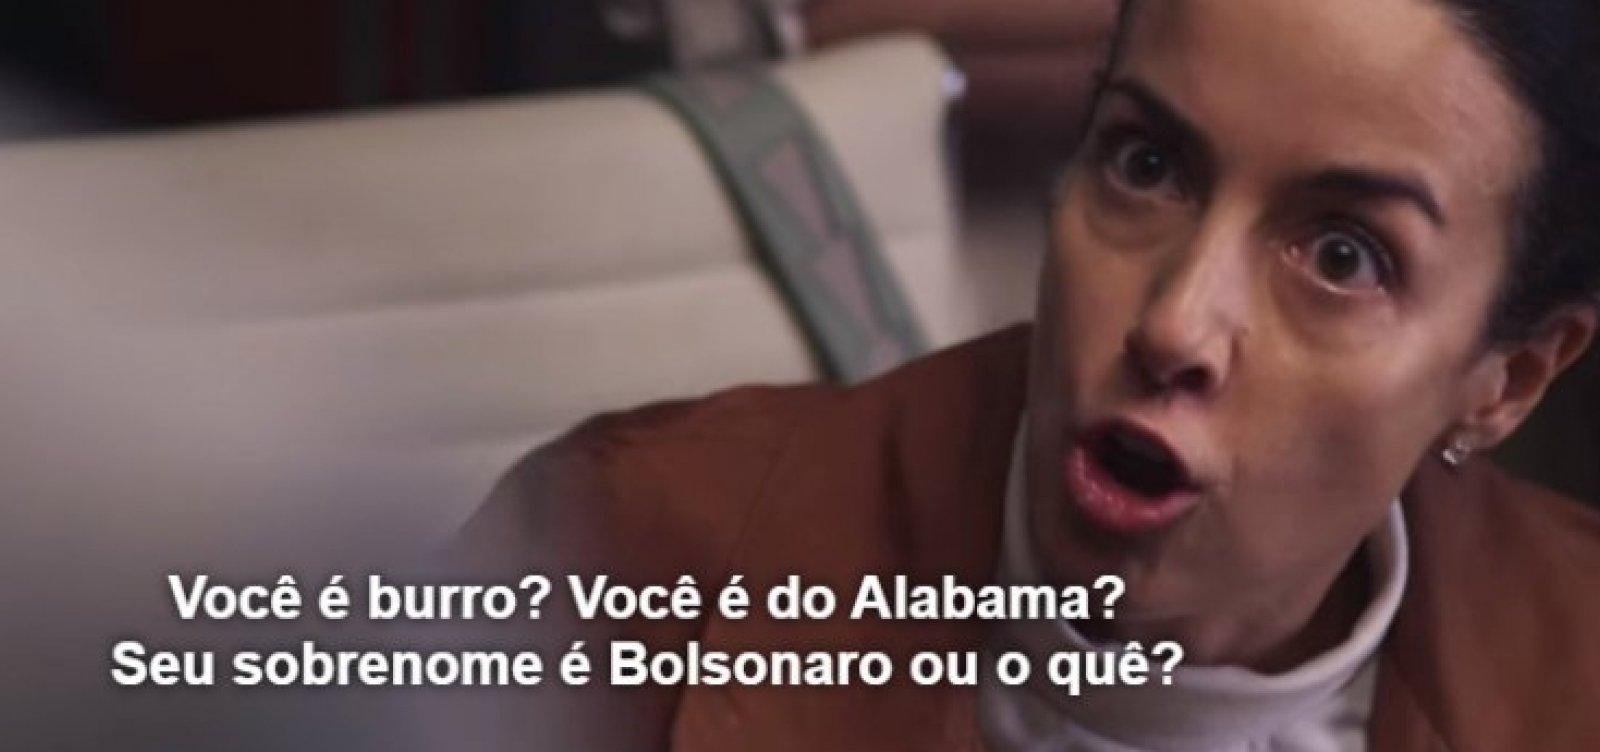 [Série da Netflix usa nome 'Bolsonaro' como sinônimo de 'burro' ]